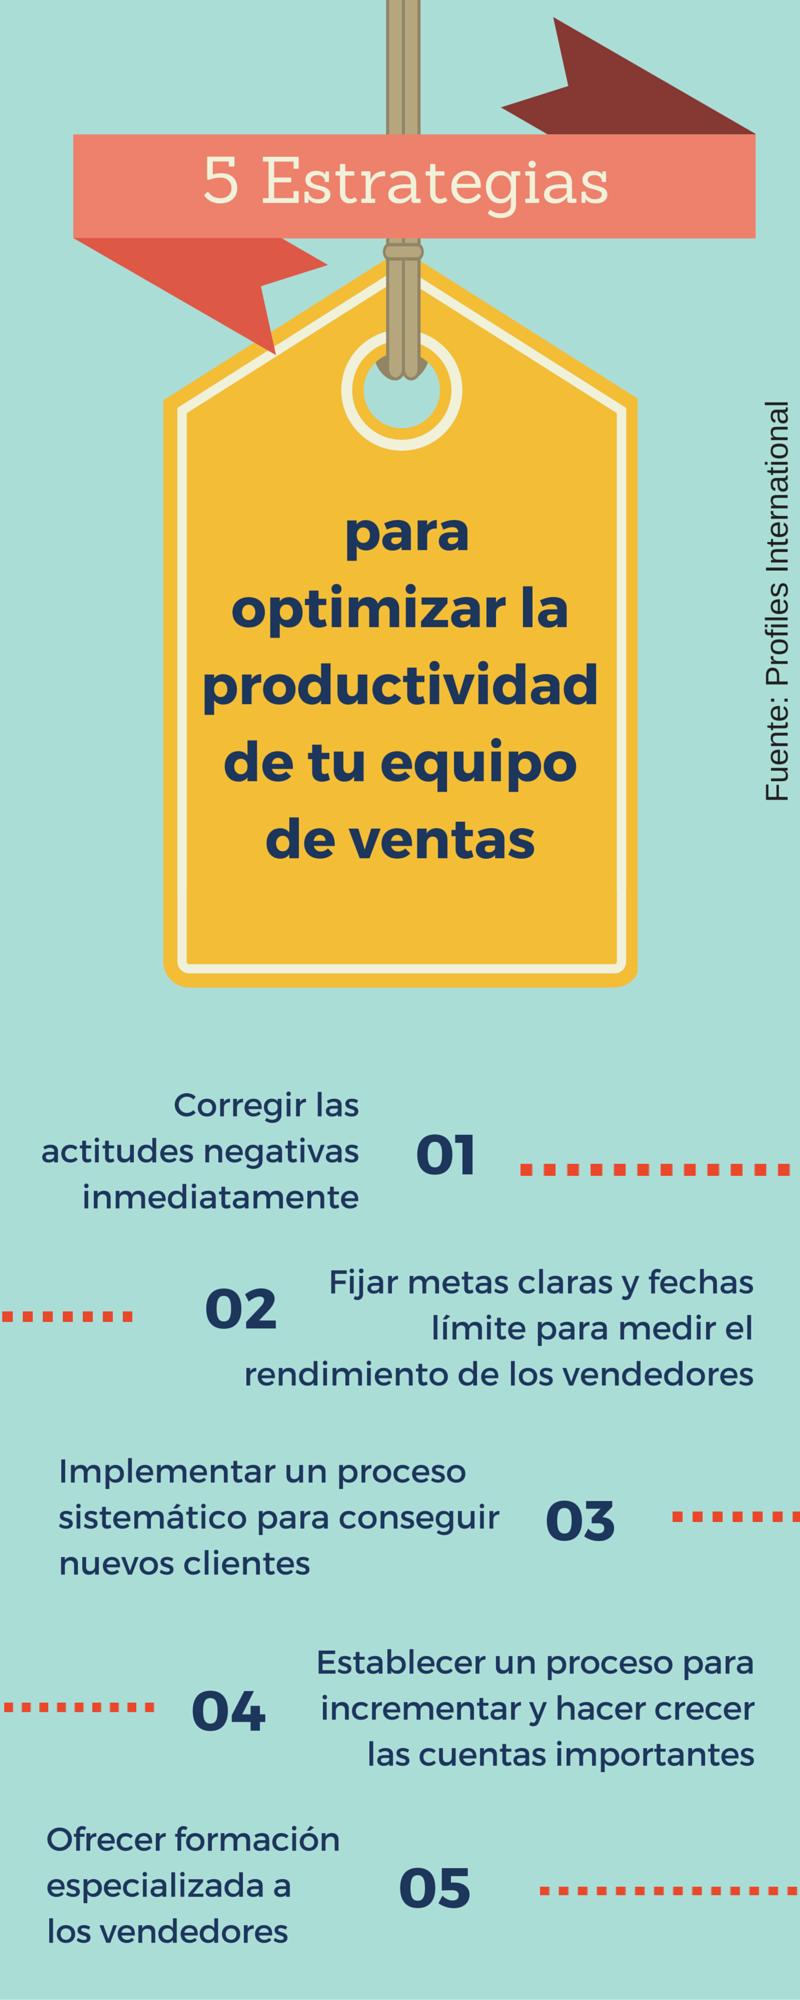 5 Herramientas para optimizar la productividad de tu equipo de ventas